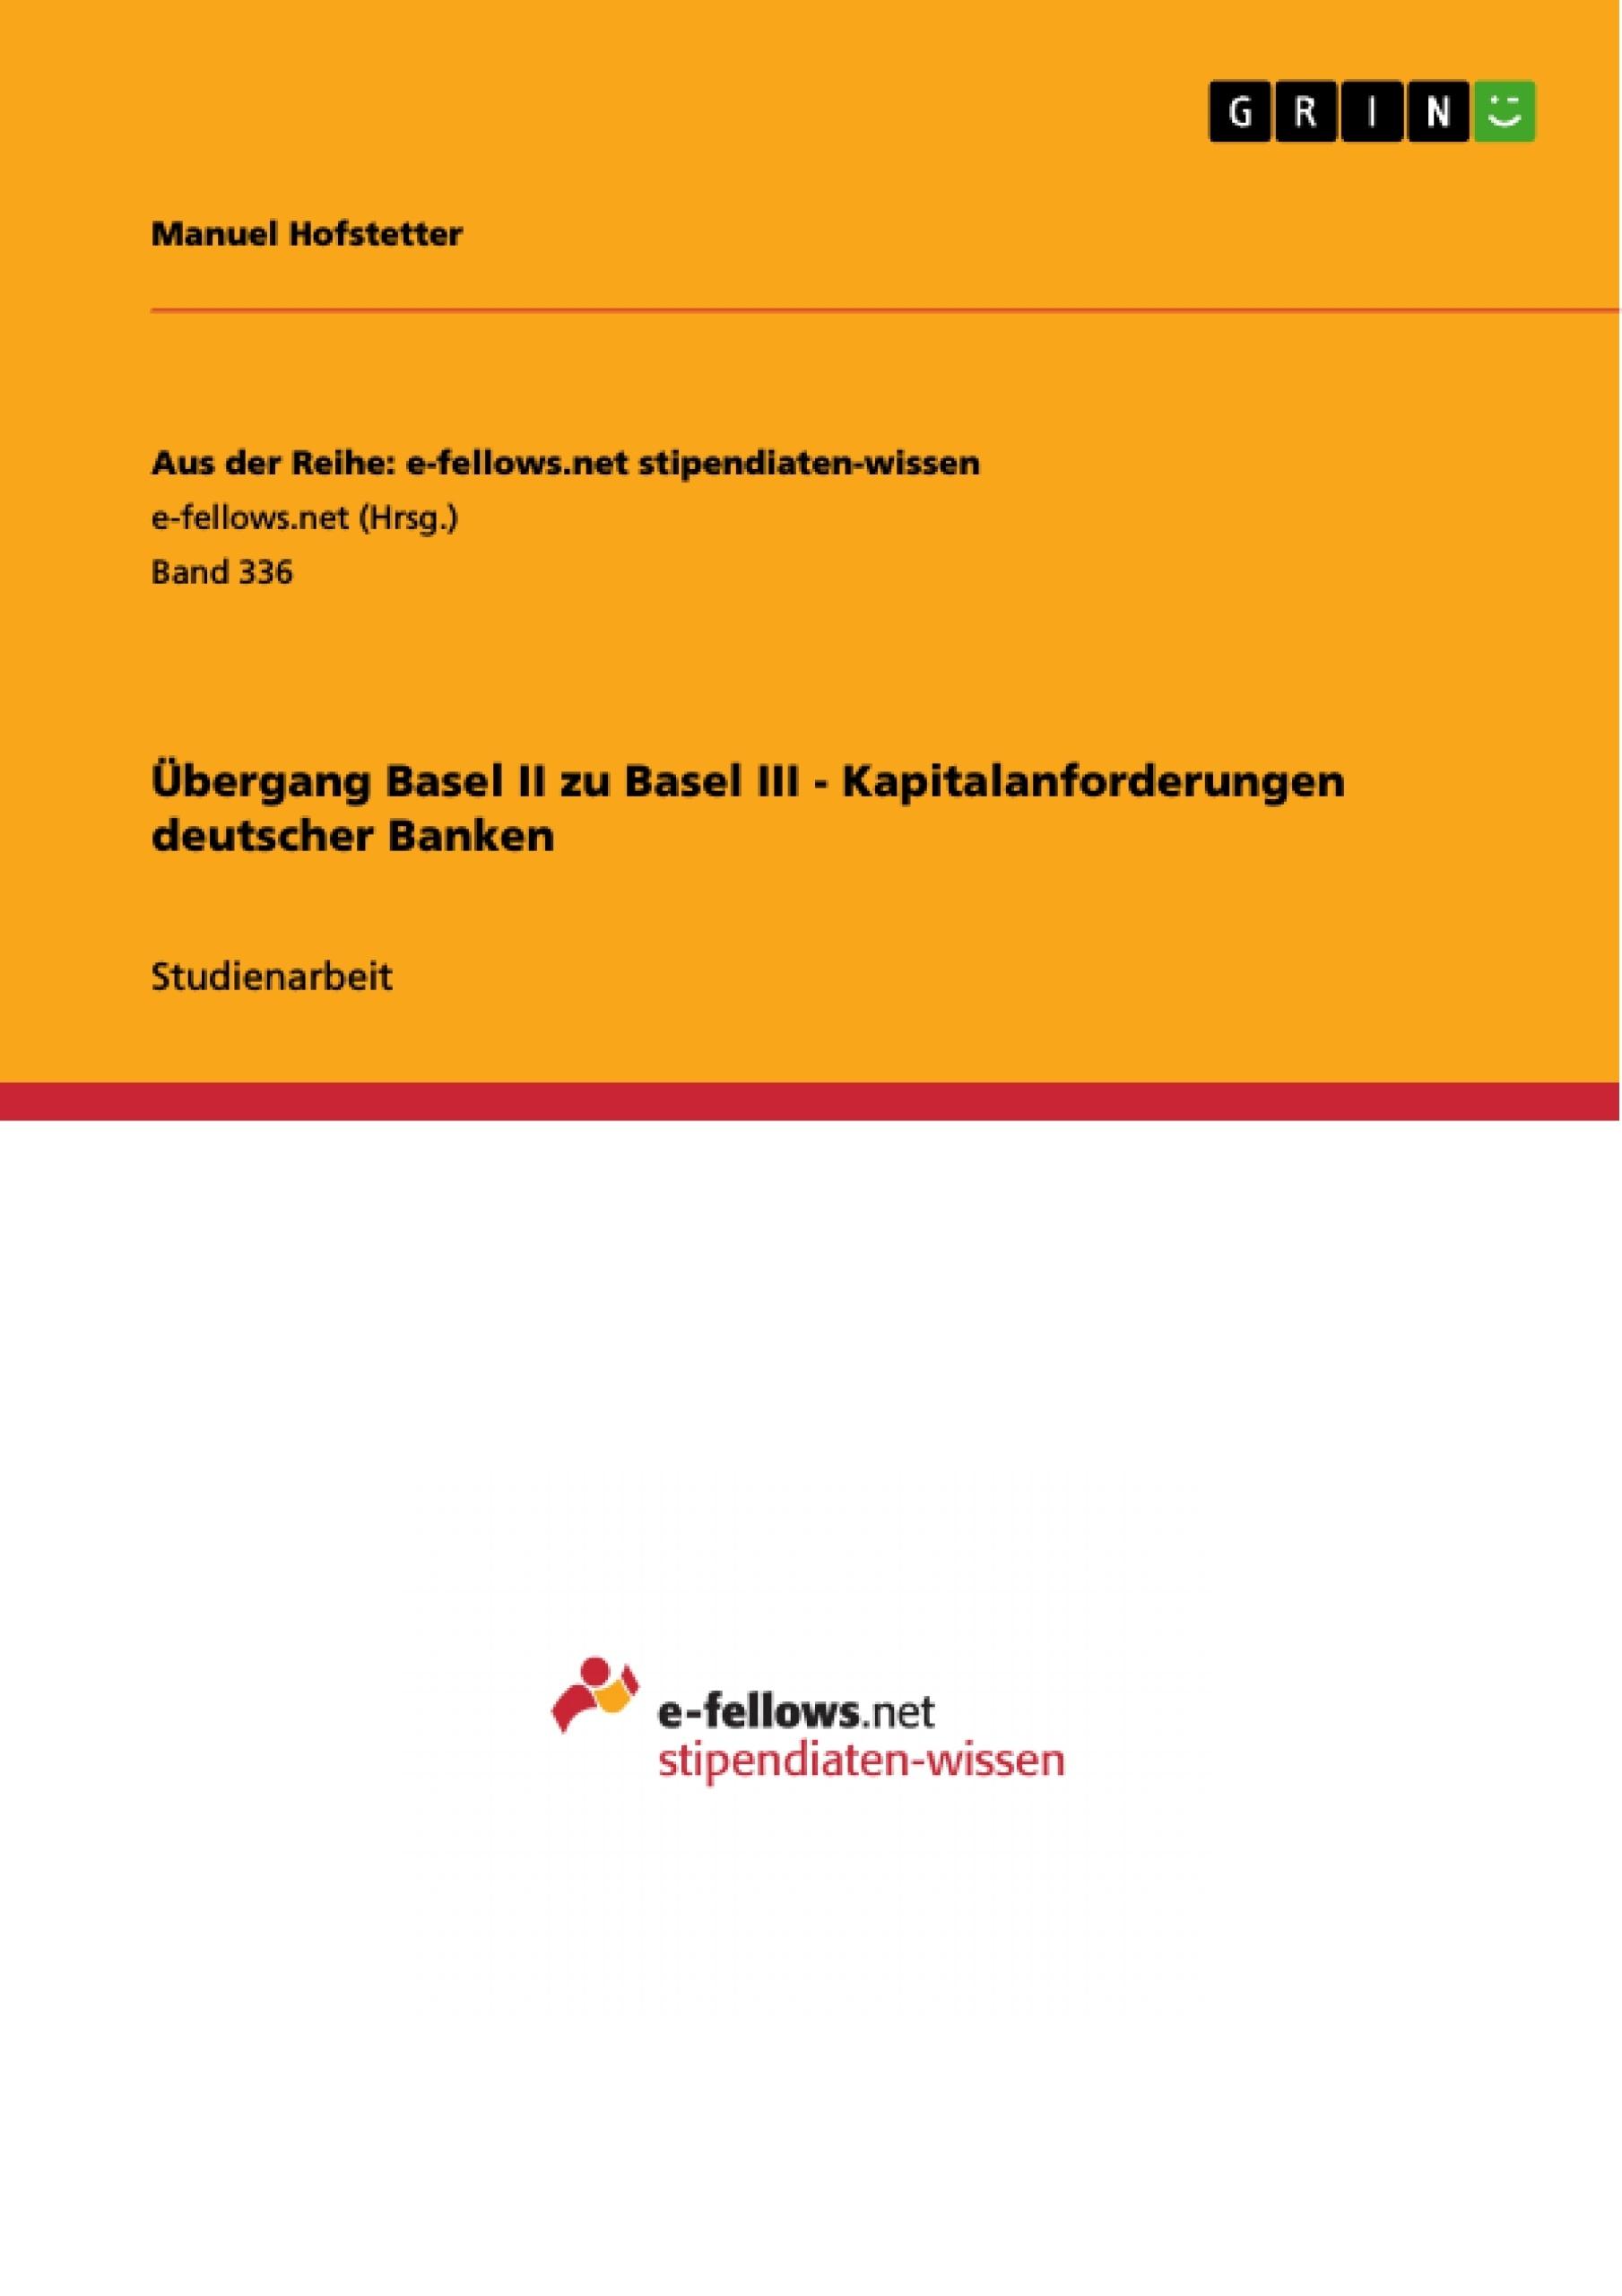 Titel: Übergang Basel II zu Basel III - Kapitalanforderungen deutscher Banken